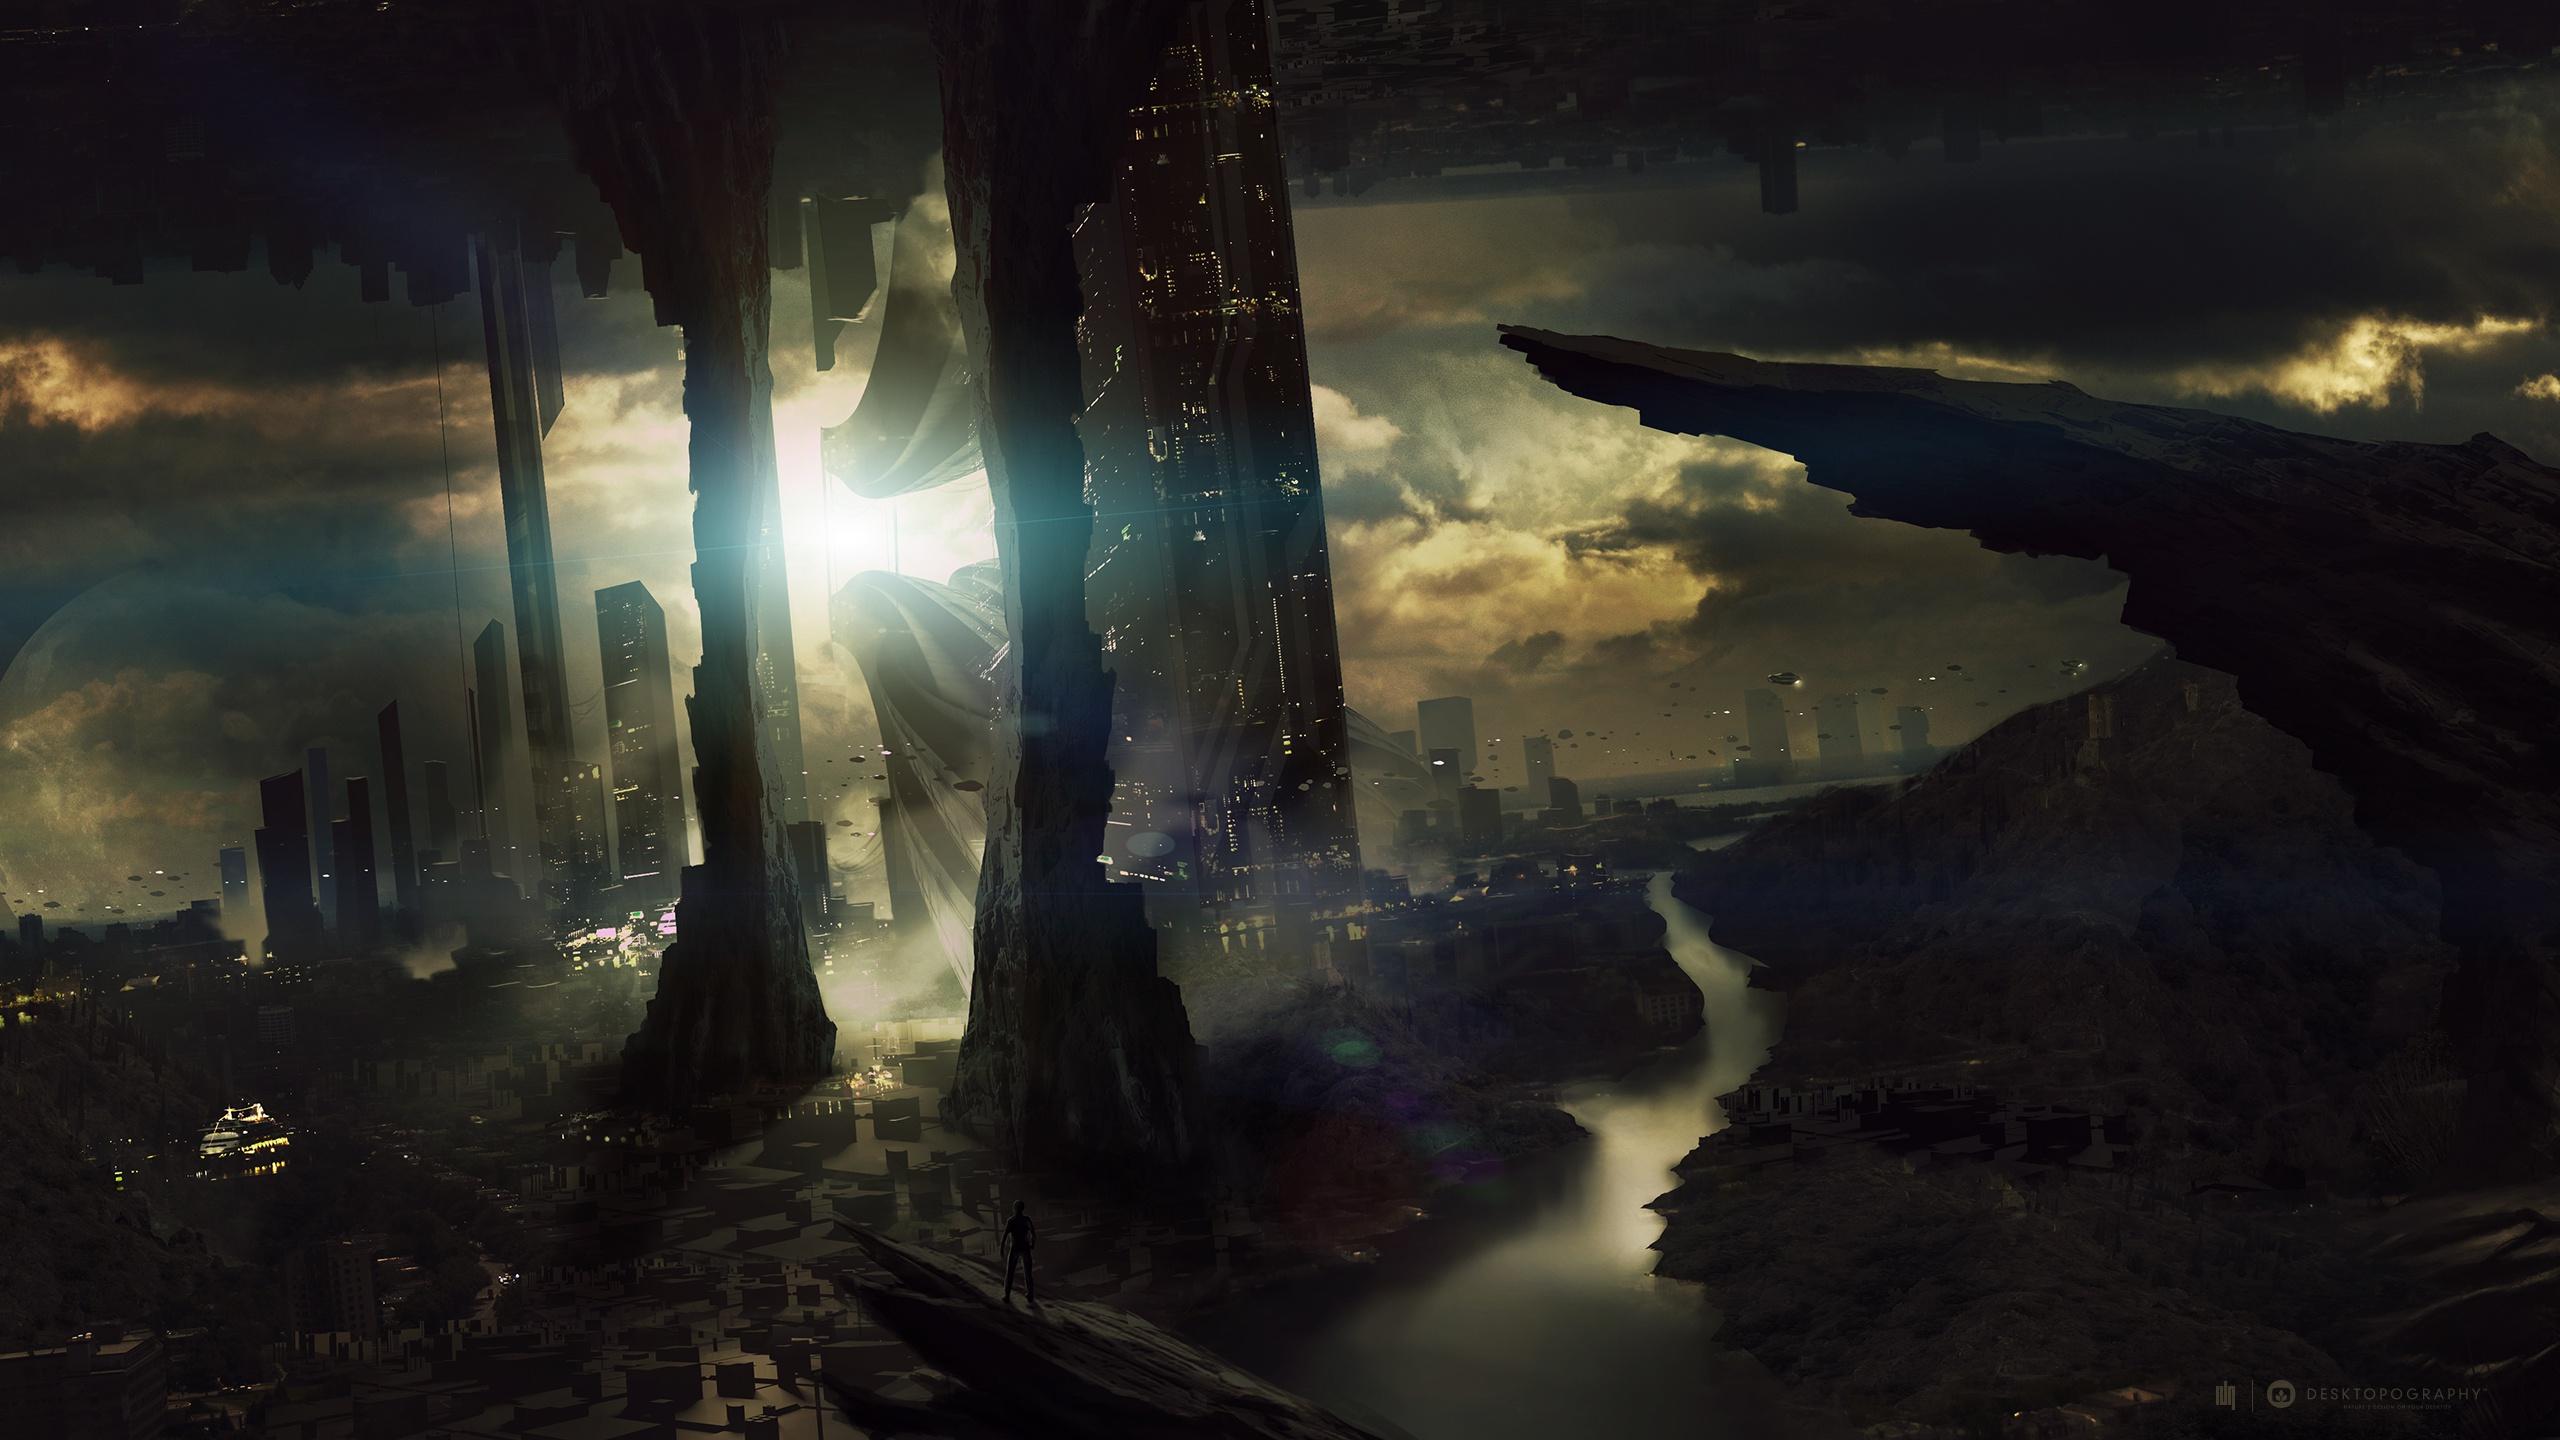 Sci Fi Wallpaper 2560x1440: Landscape HD Wallpaper